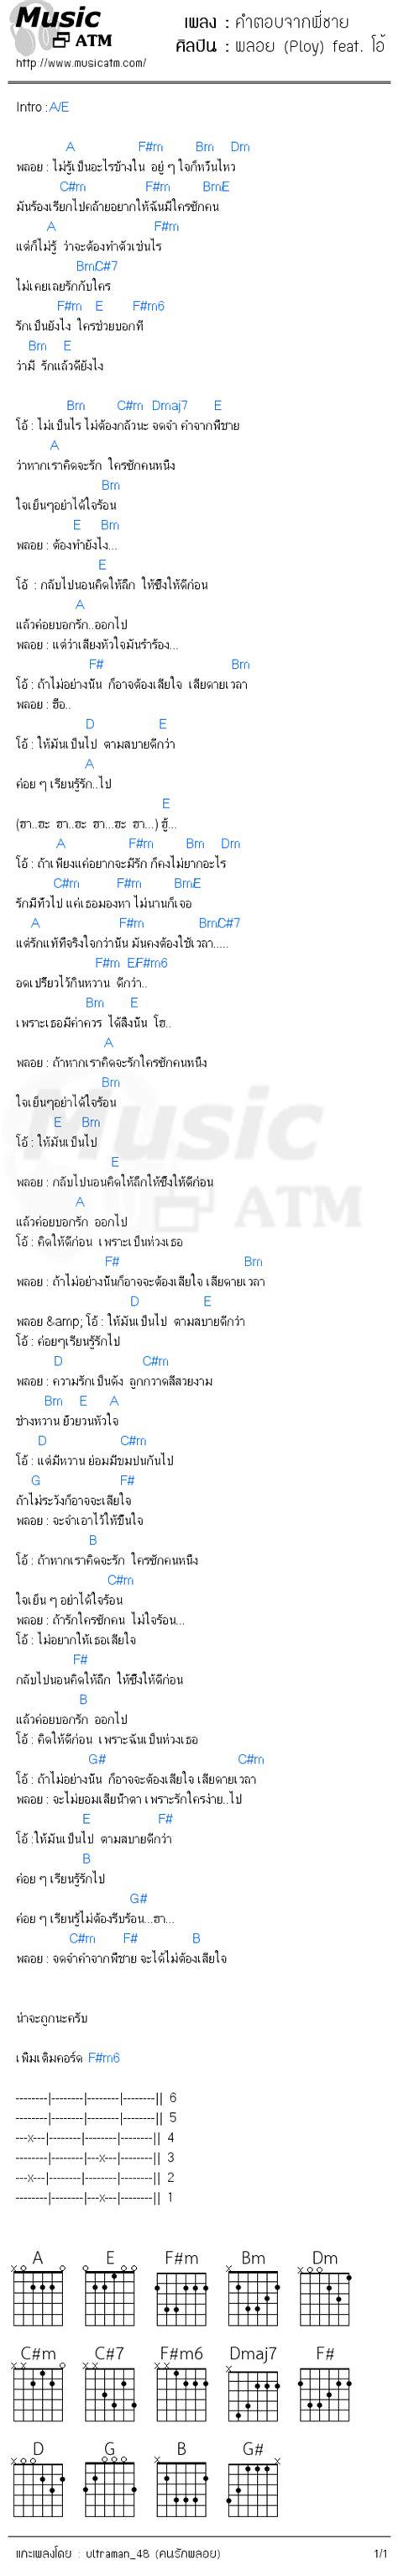 คอร์ดเพลง คำตอบจากพี่ชาย - พลอย (Ploy) feat. โอ้ - คอร์ด ...